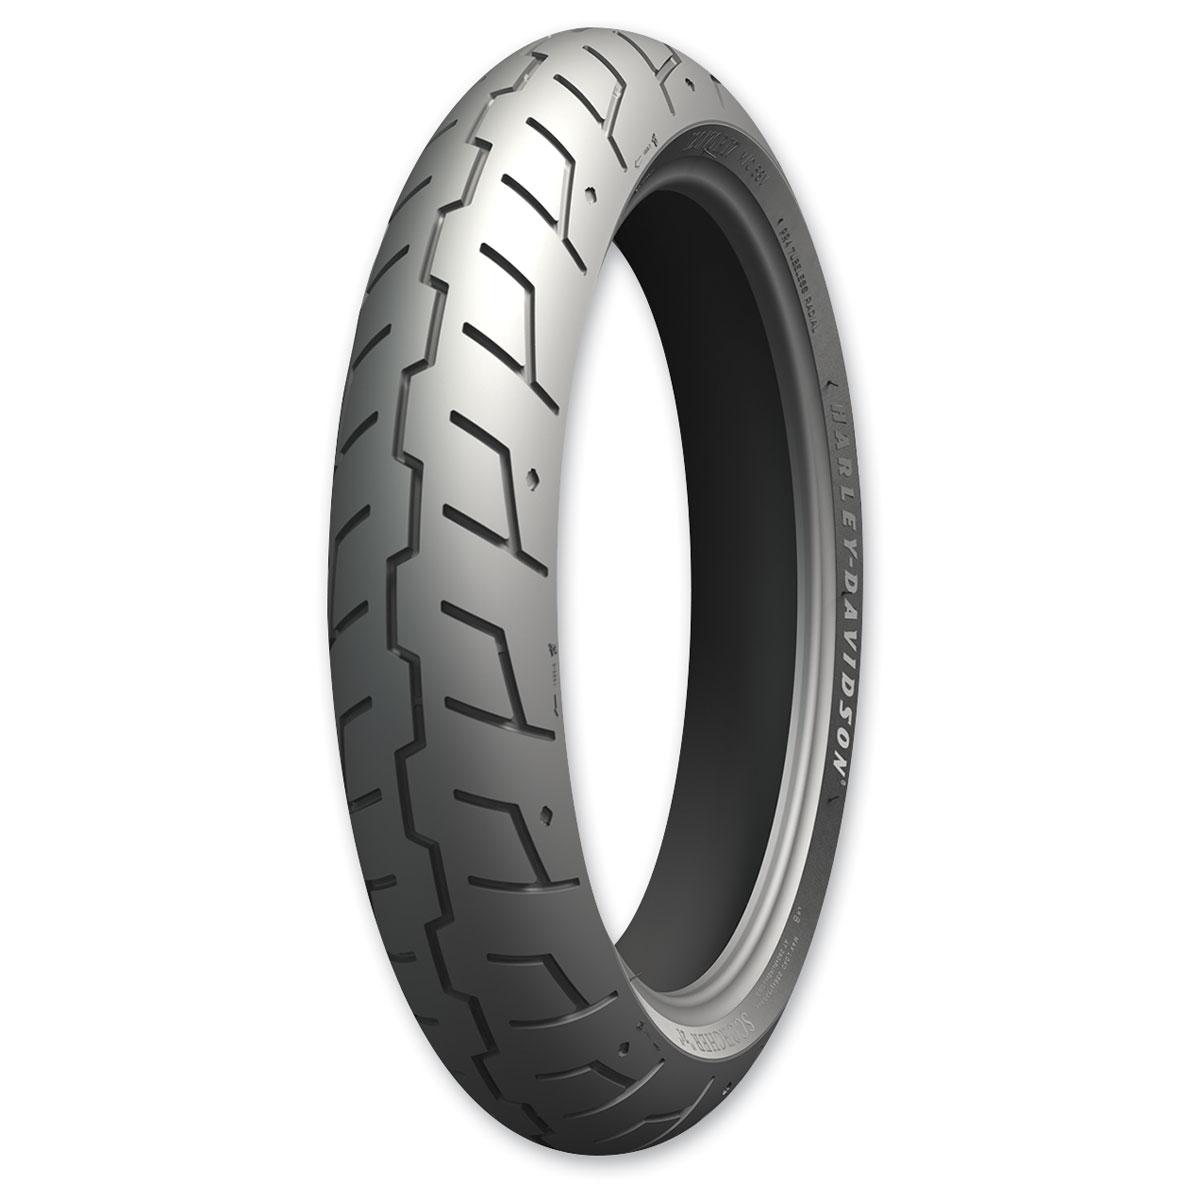 Michelin Scorcher 21 120/70R17 Front Tire